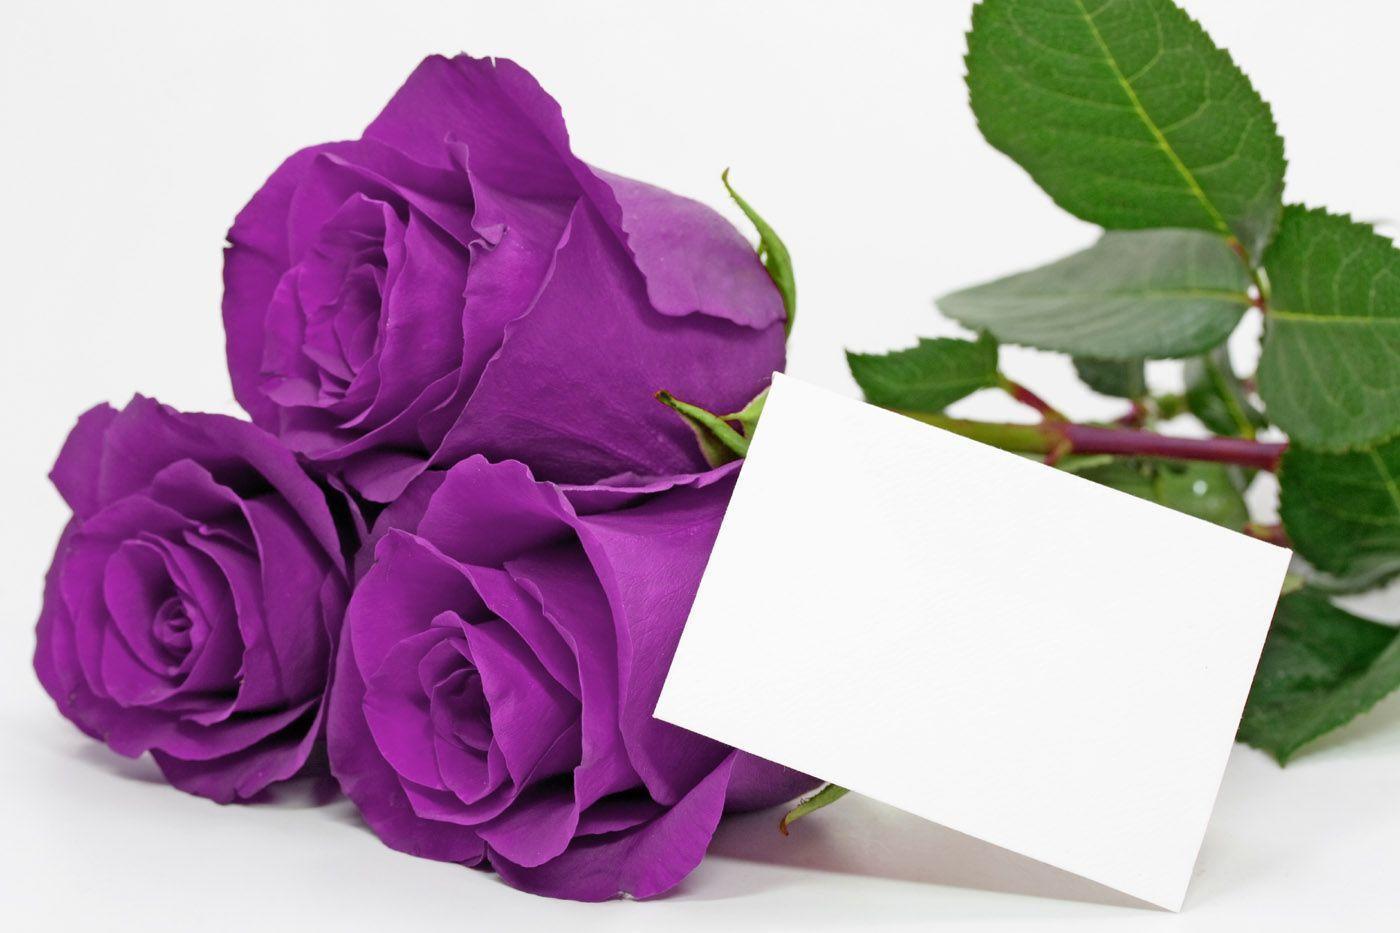 Открытки букеты из роз или просто одиночные розы - 3D галерея 45